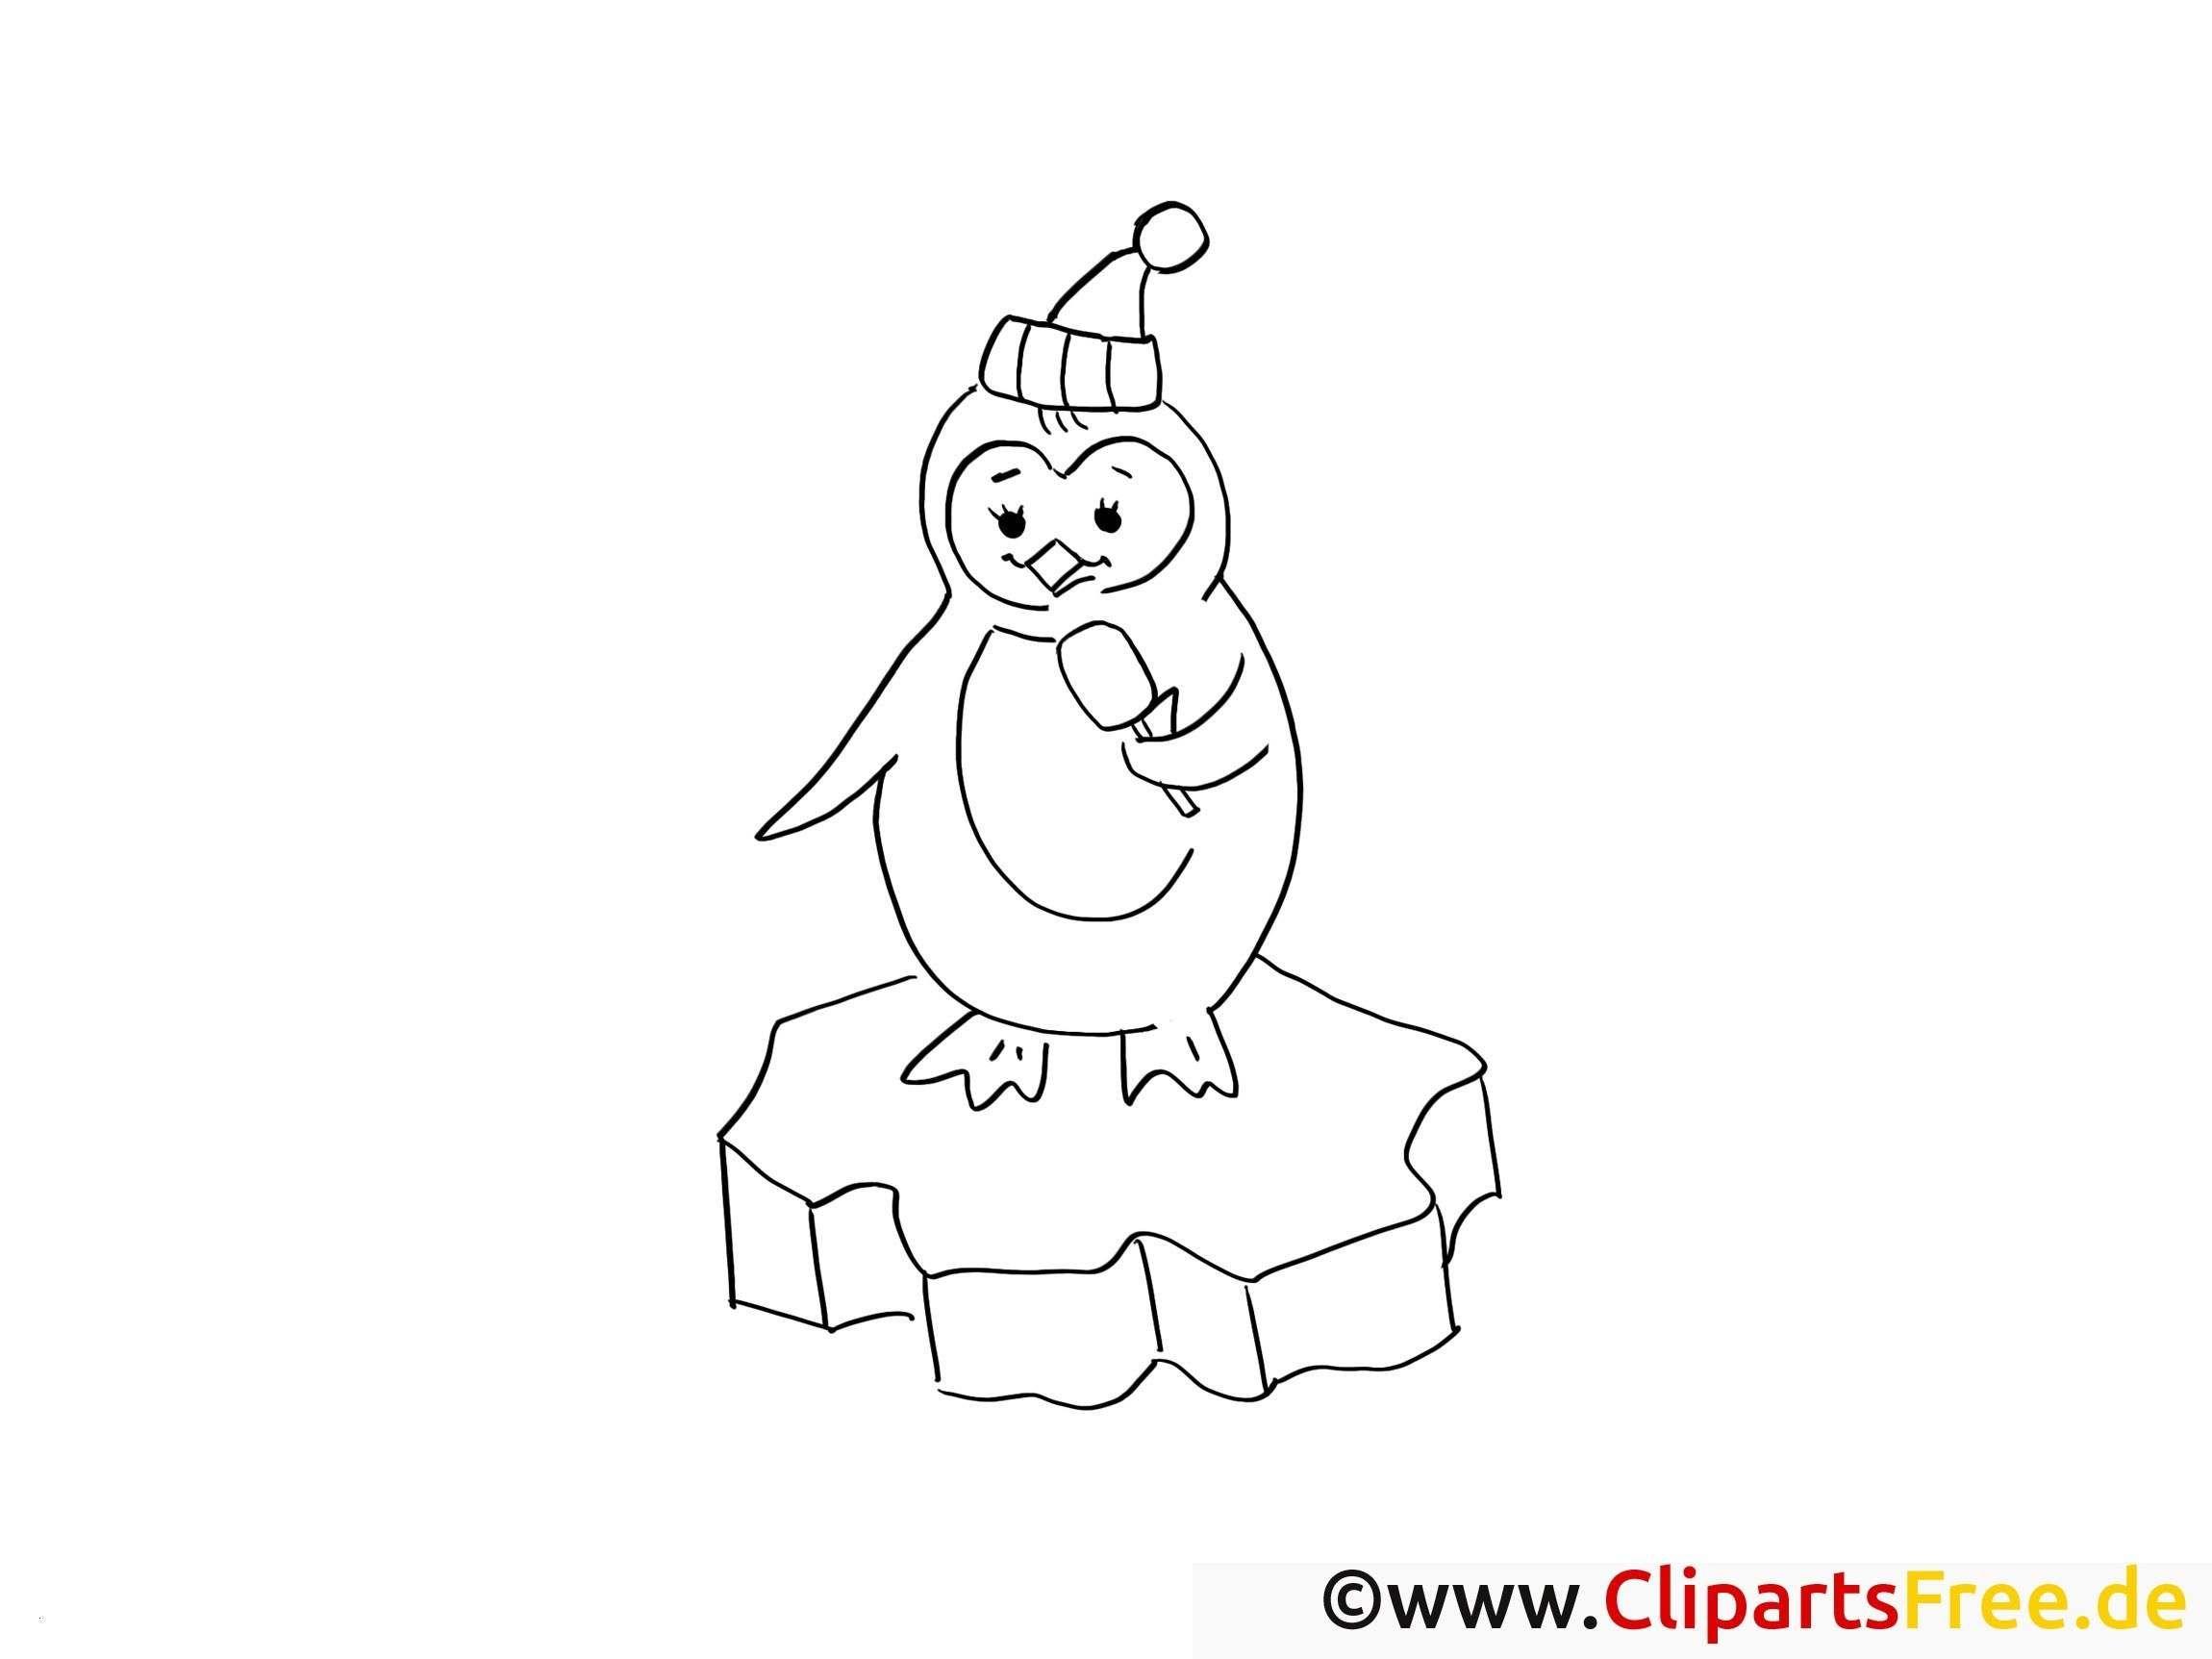 malvorlagen info english  kinder zeichnen und ausmalen